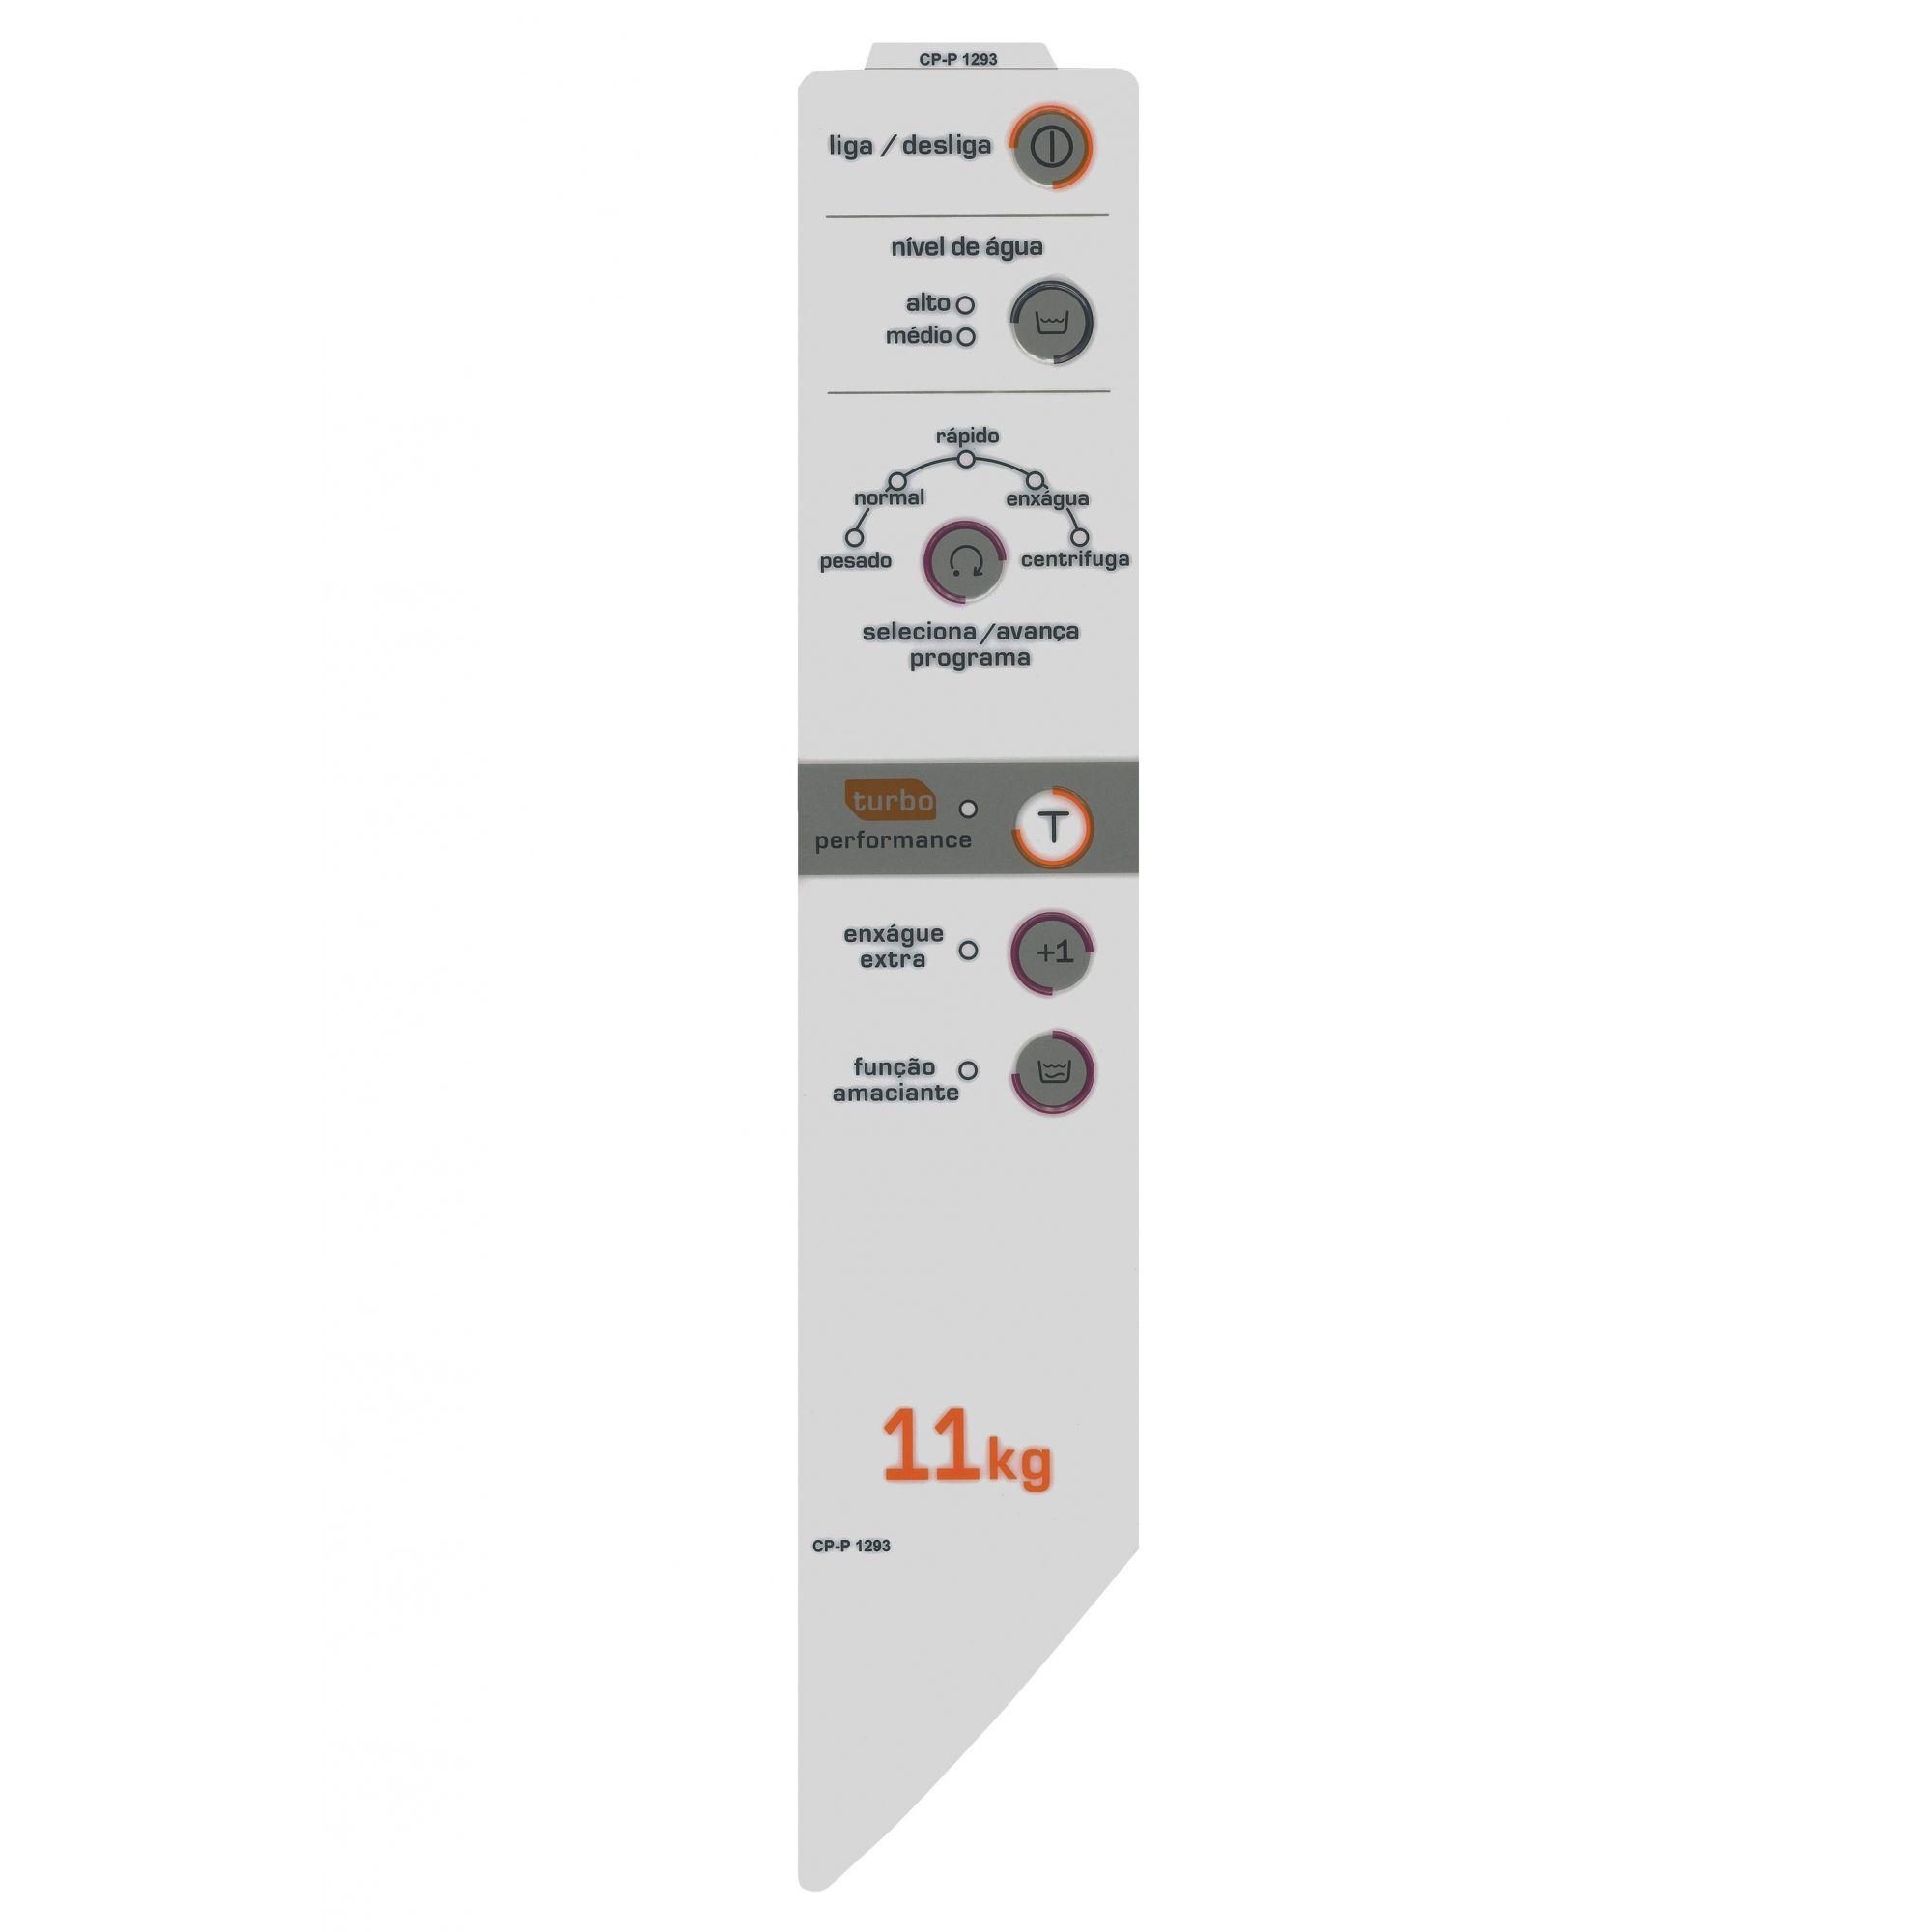 Painel Decorativo compatível lavadora BWC11A - Direito W10625296-CP1293